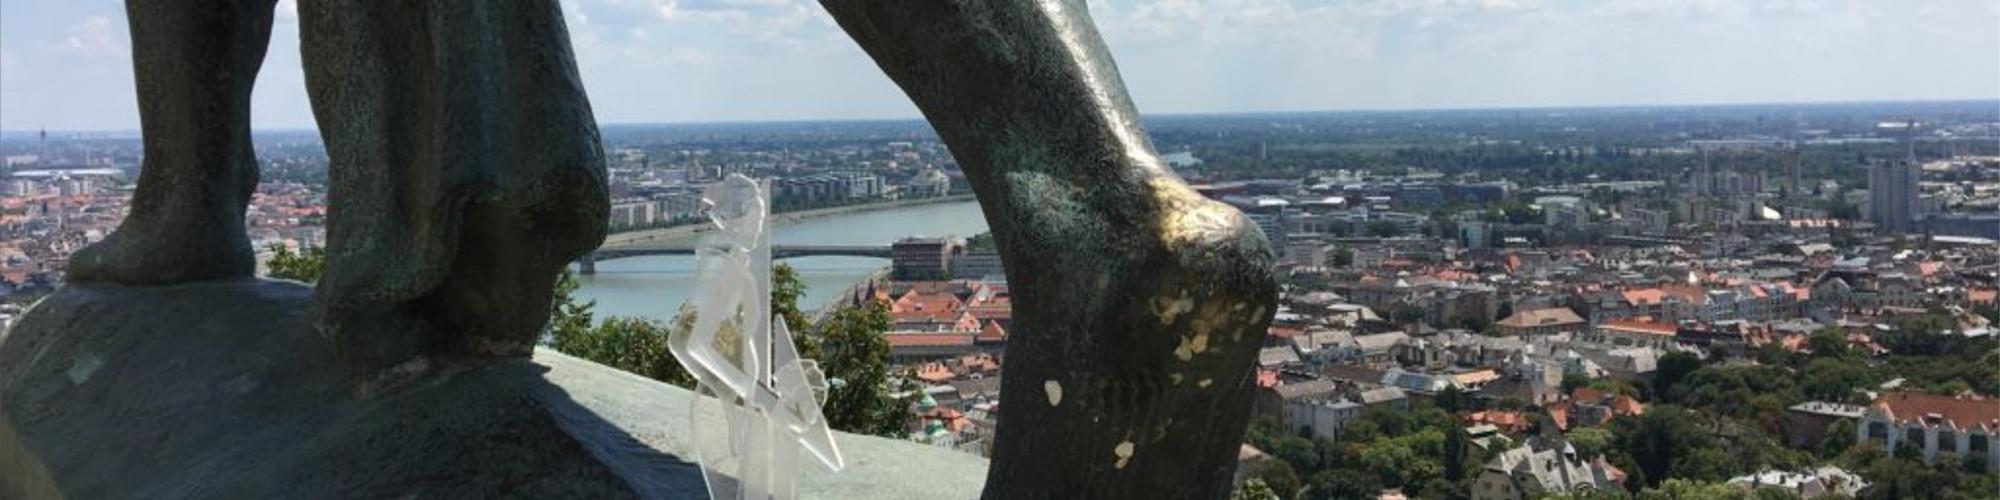 Atilla-Wien-2000x500